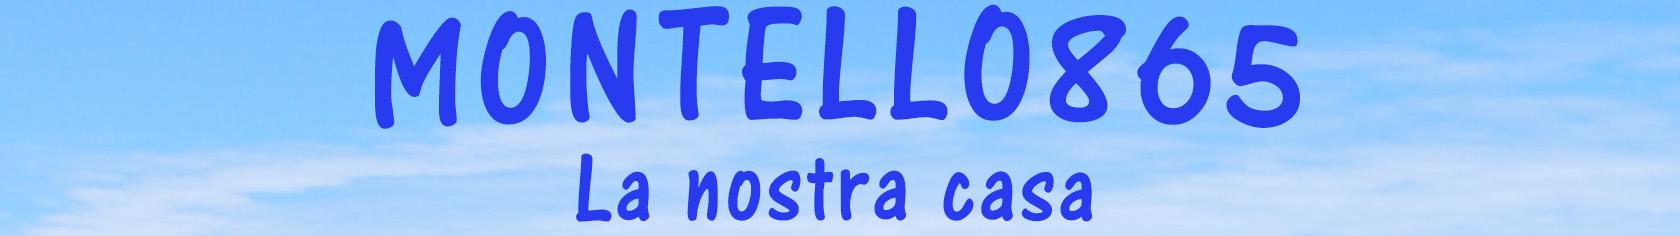 Montello865